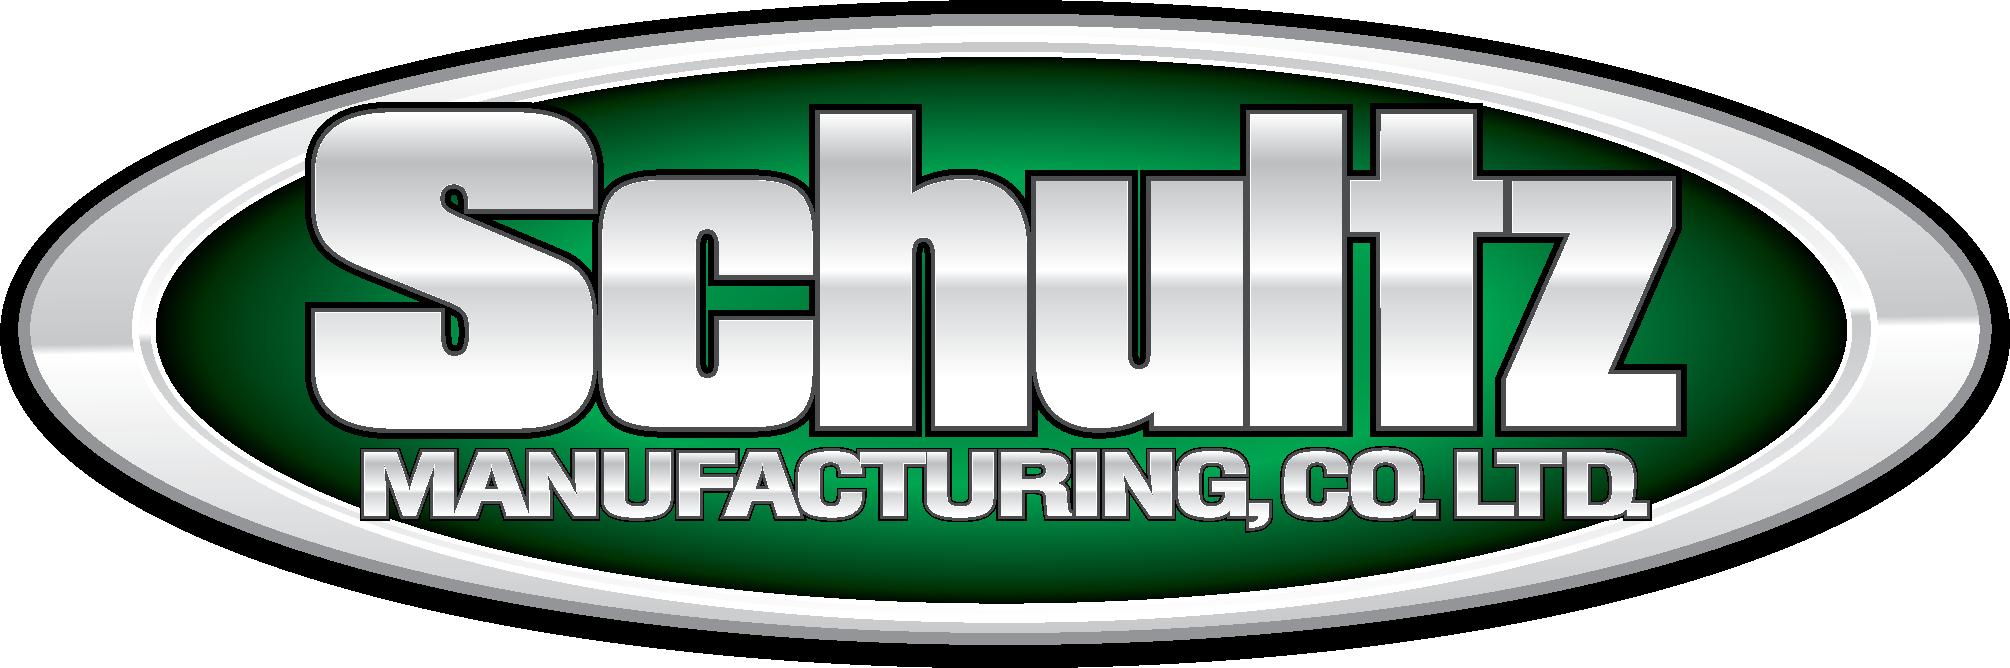 Schultz manufacturing